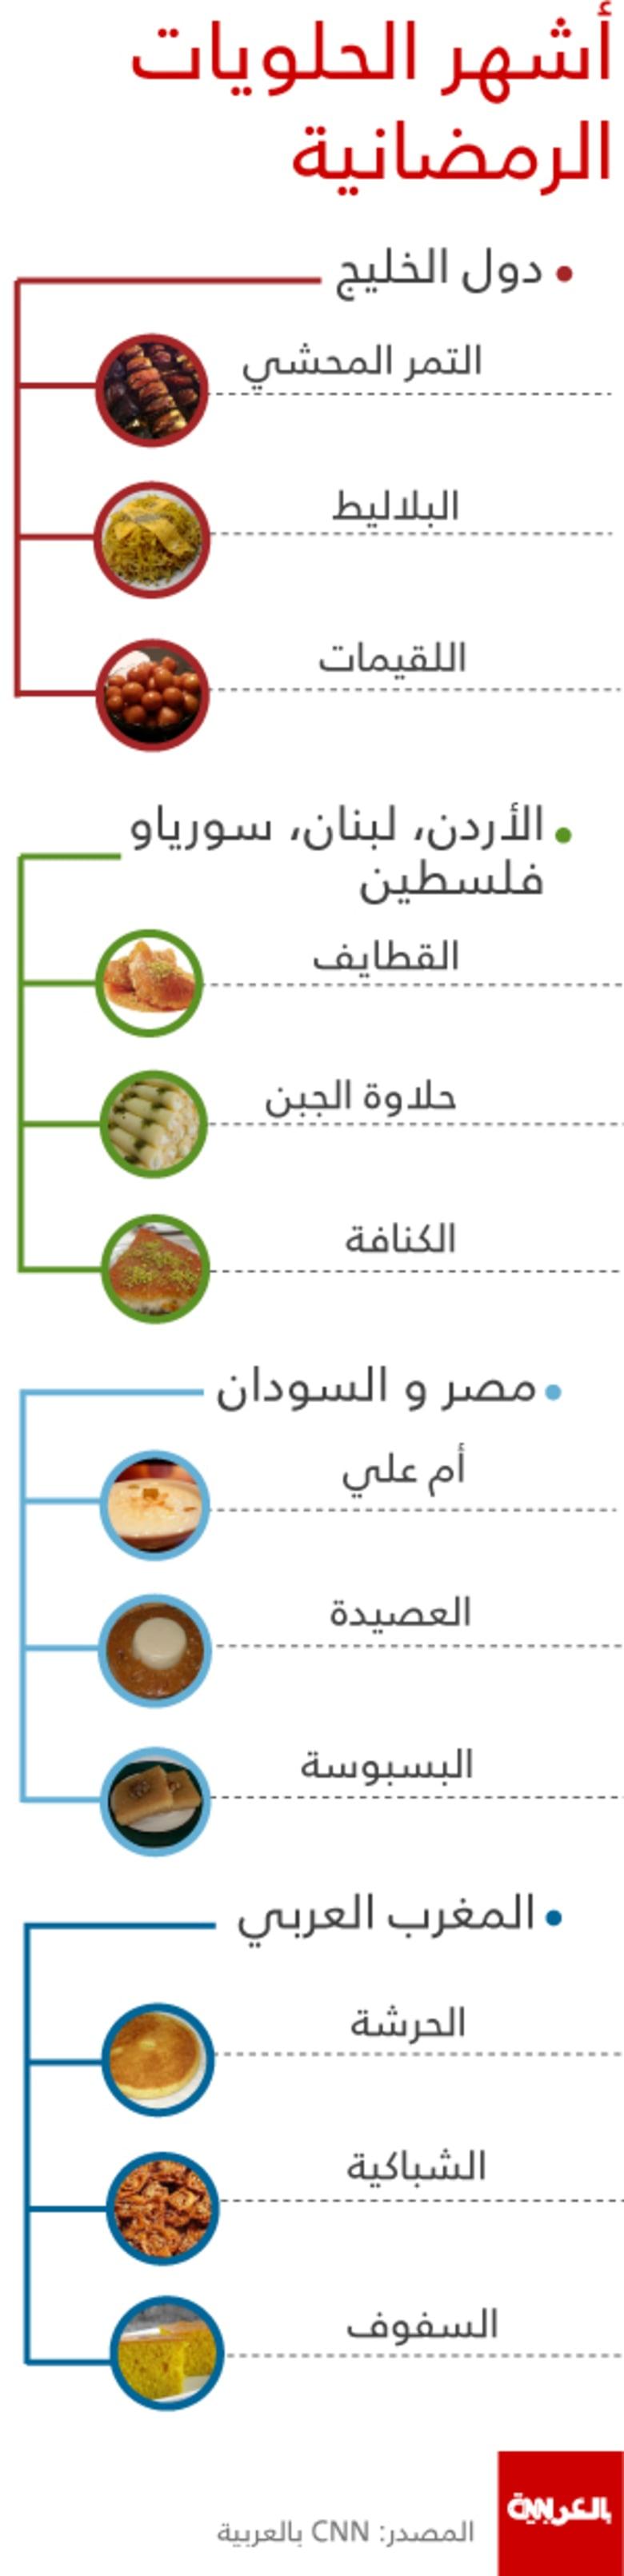 """""""الحلو للحلو"""" .. شاهد أشهر الحلويات الرمضانية العربية"""